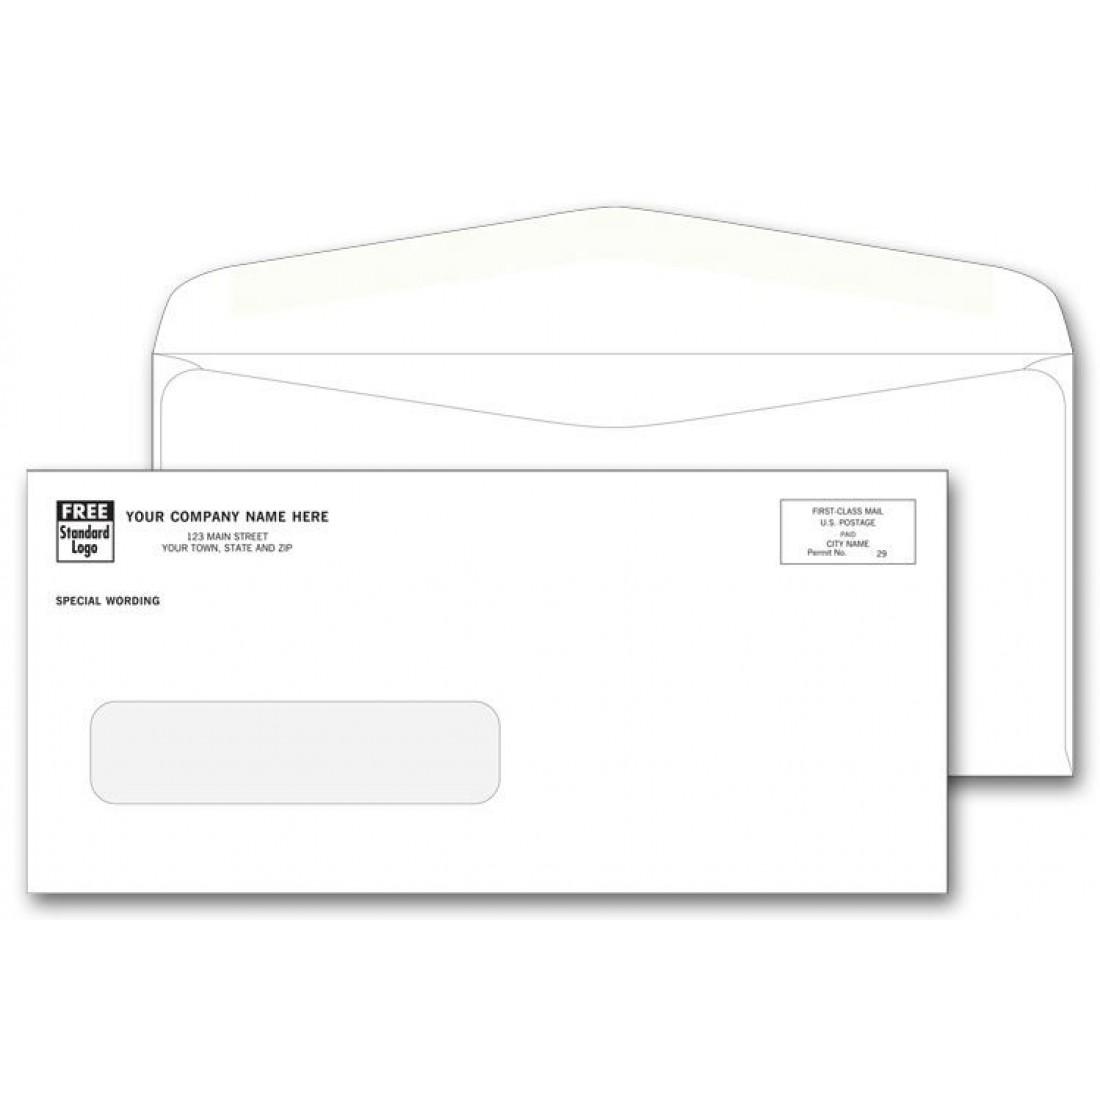 One Window Envelopes